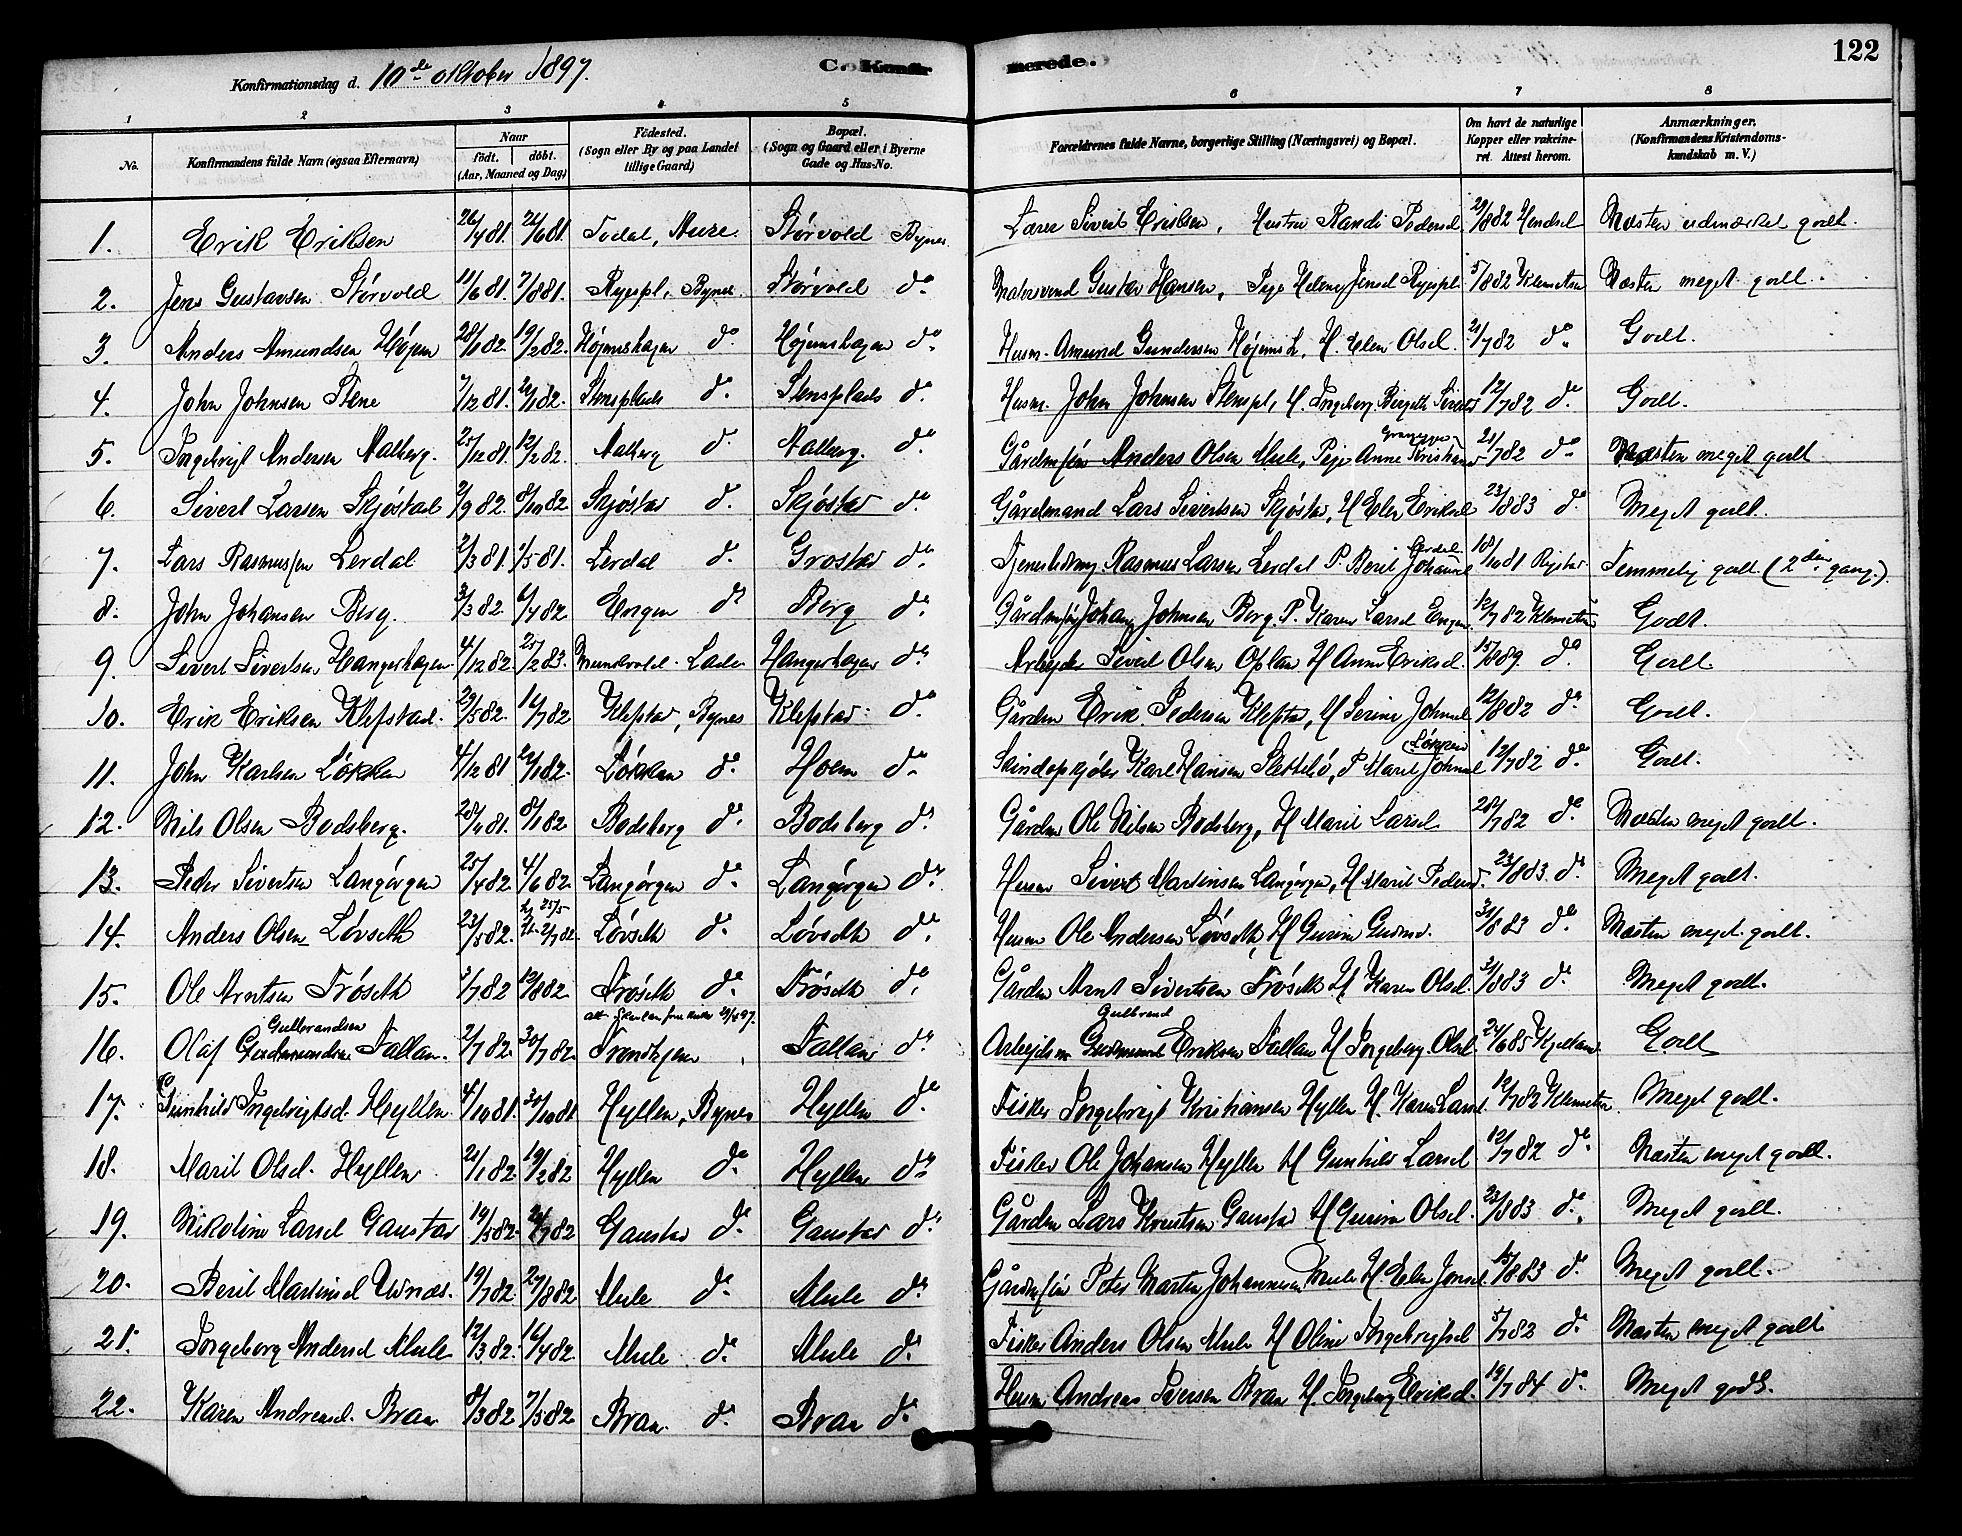 SAT, Ministerialprotokoller, klokkerbøker og fødselsregistre - Sør-Trøndelag, 612/L0378: Ministerialbok nr. 612A10, 1878-1897, s. 122